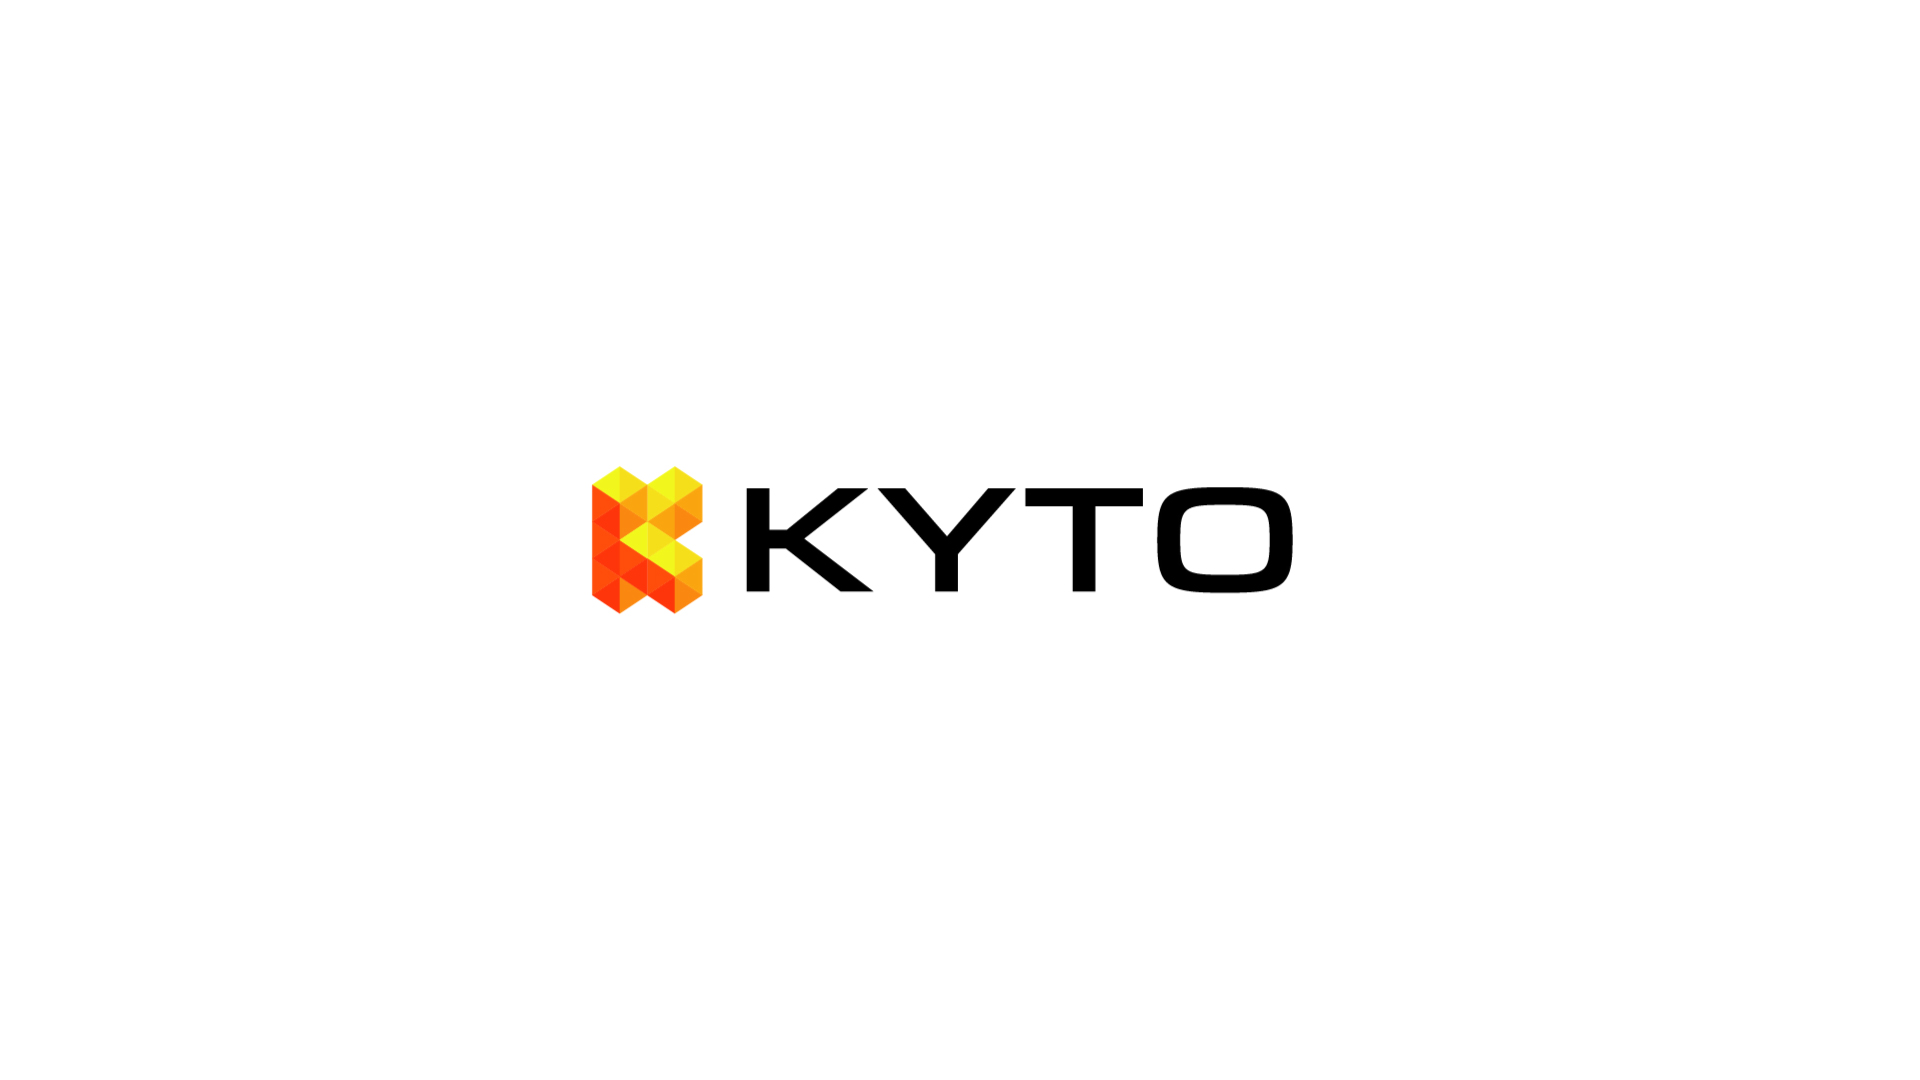 Kyto_06